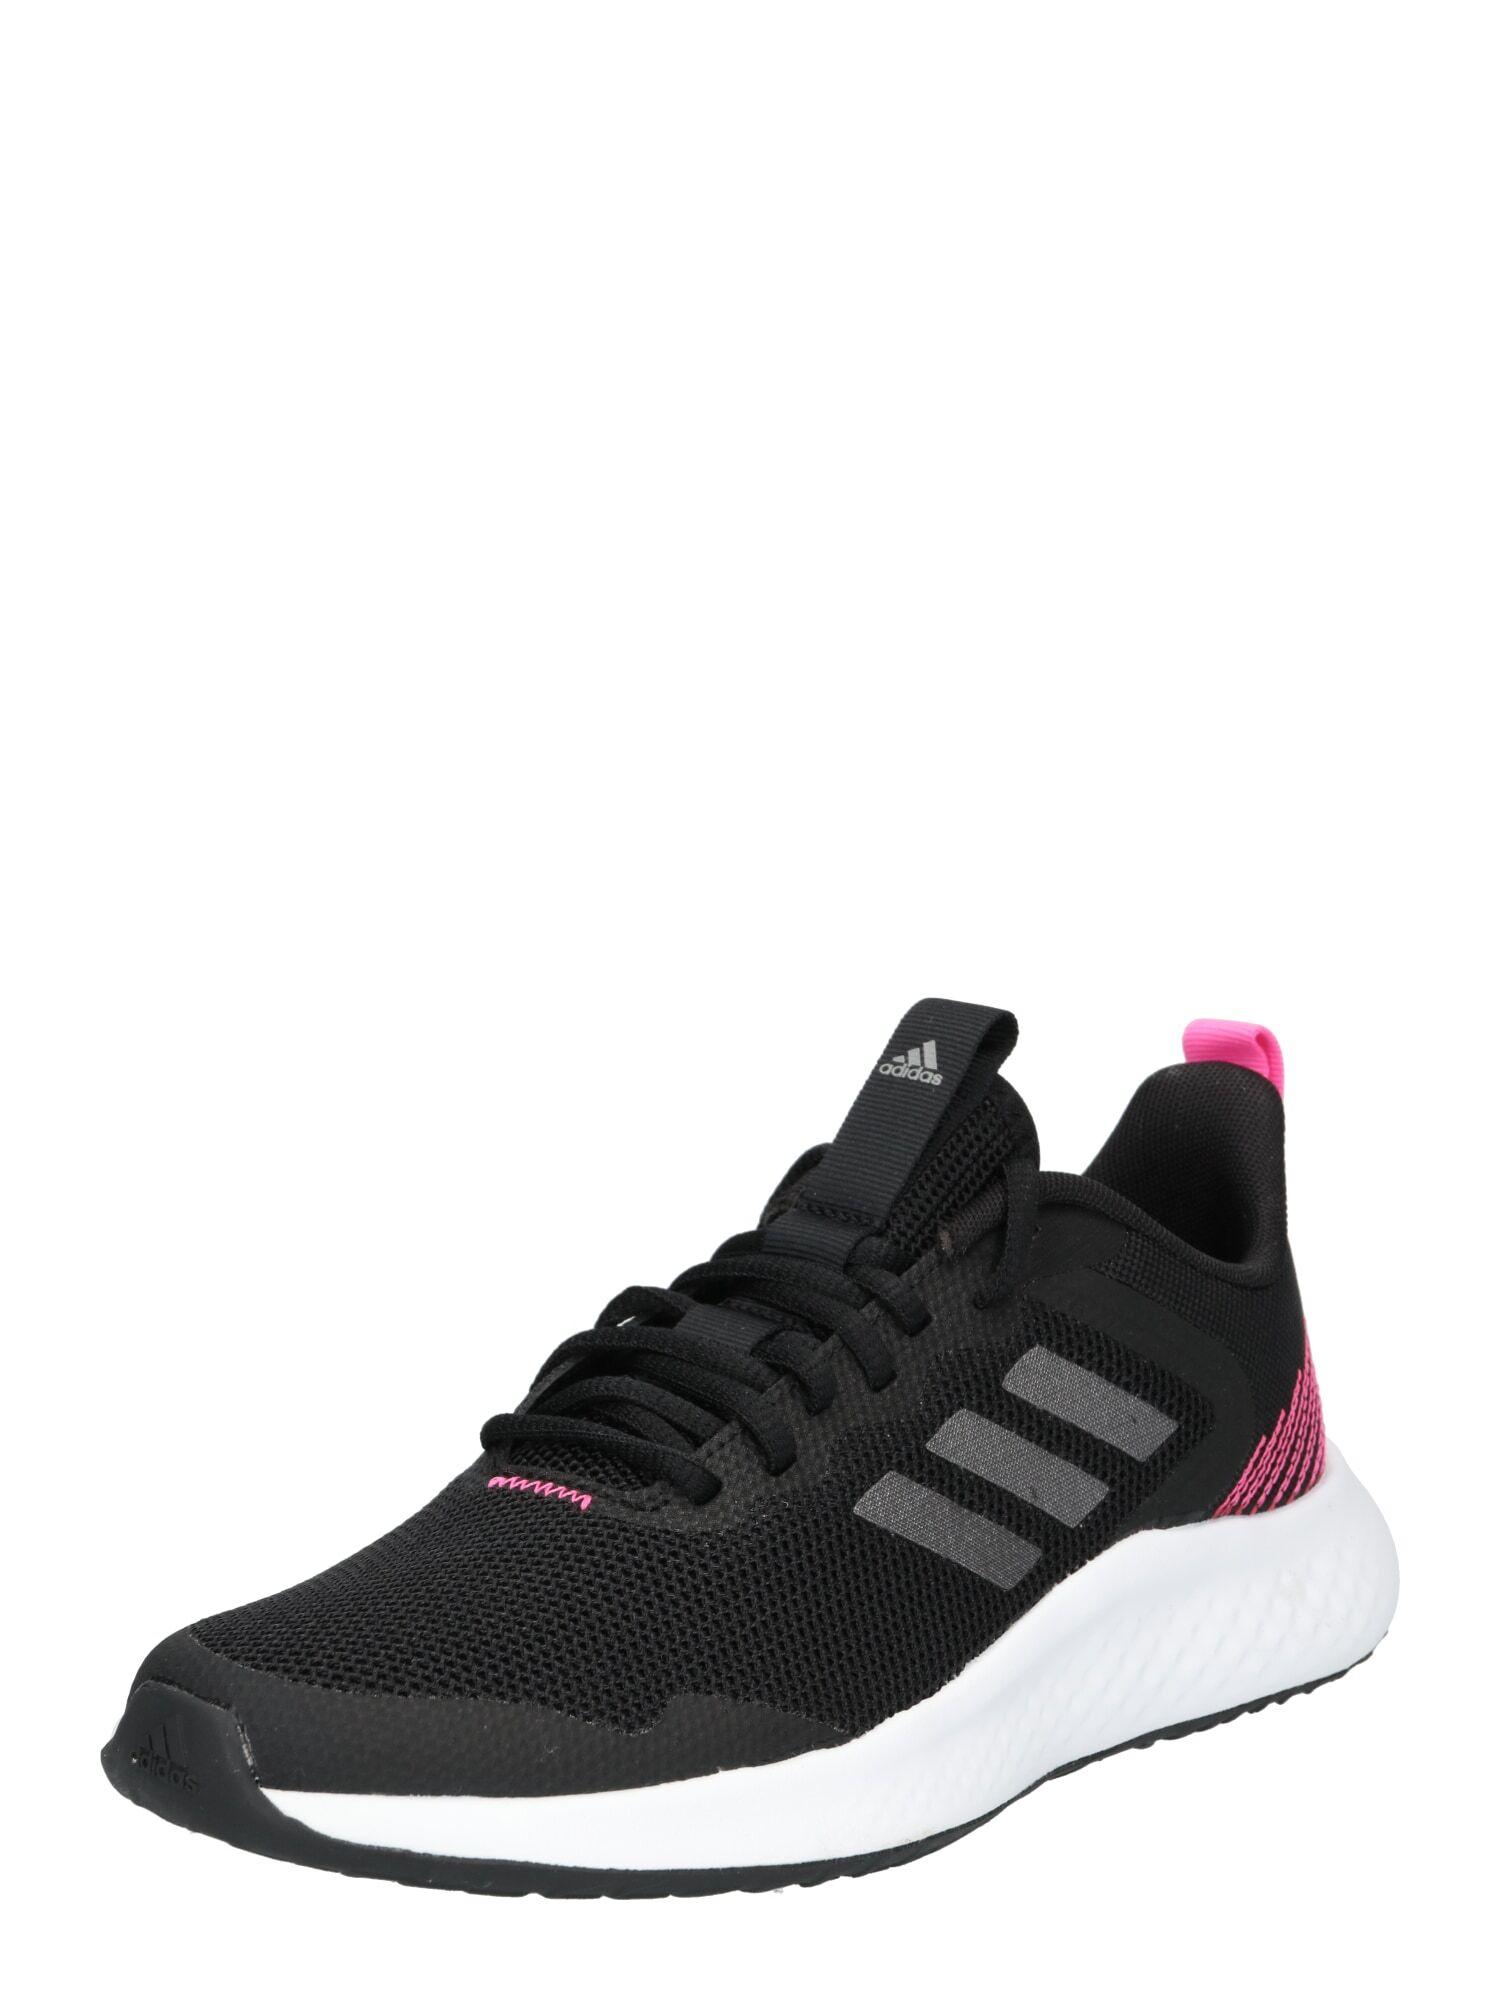 ADIDAS PERFORMANCE Chaussure de course  - Noir - Taille: 37-37.5 - female